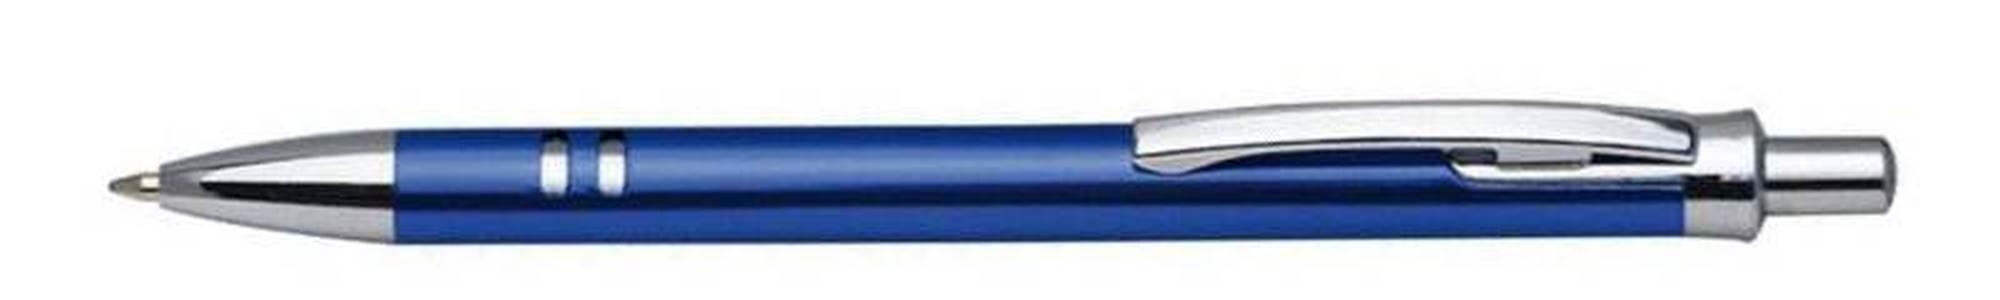 Długopis reklamowy metalowy – 19225